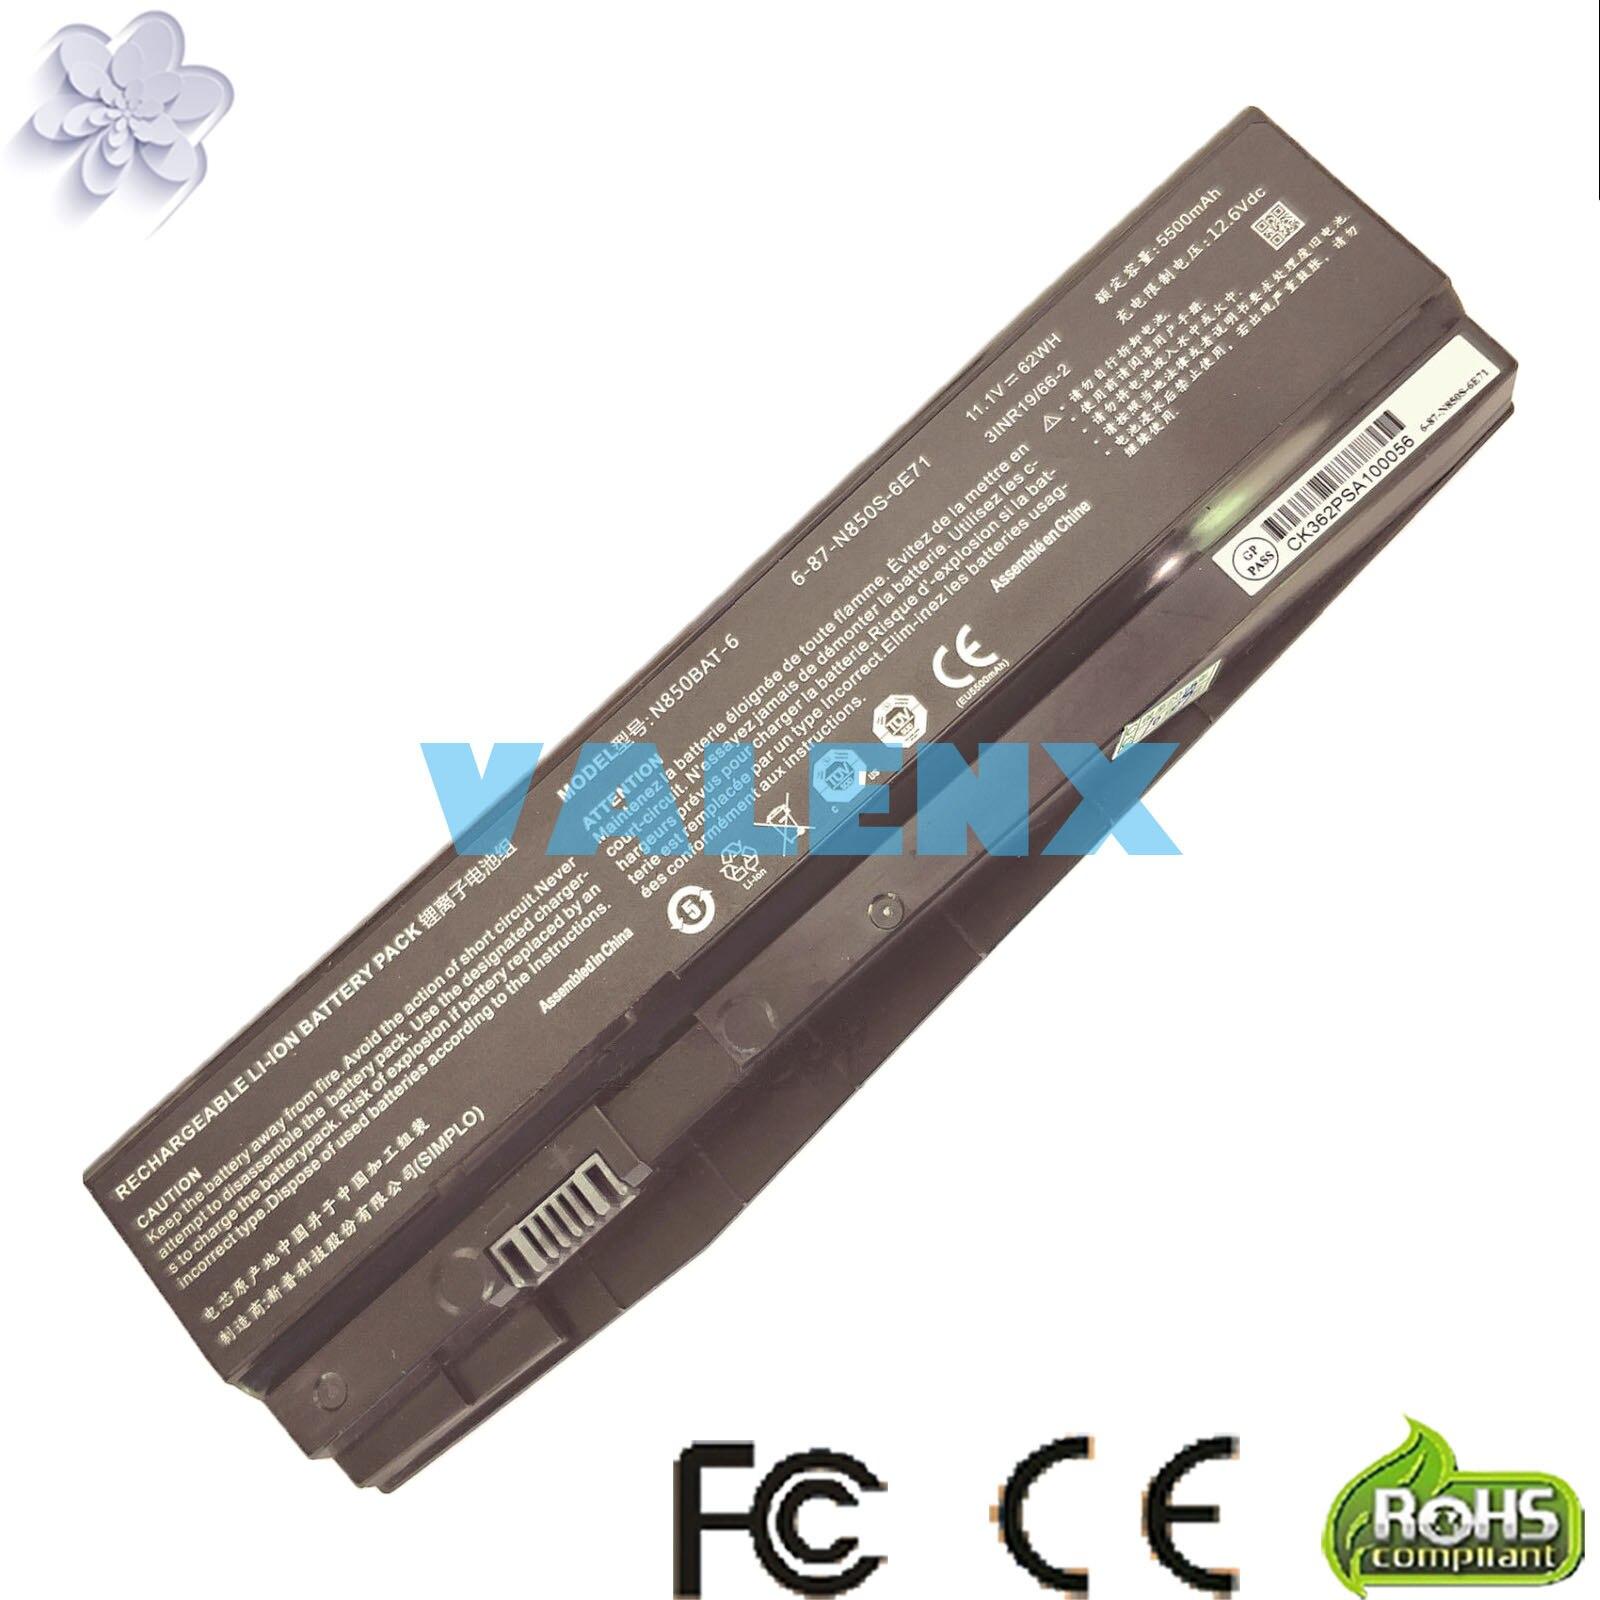 6 87 N850S 6U7 6 87 N850S 6E7 N850BAT 6 batería para Schenker tecnologías XMG A517 para CLEVO N850HC N850HJ N850HJ1 N850HK1Baterías para ordenador portátil   -